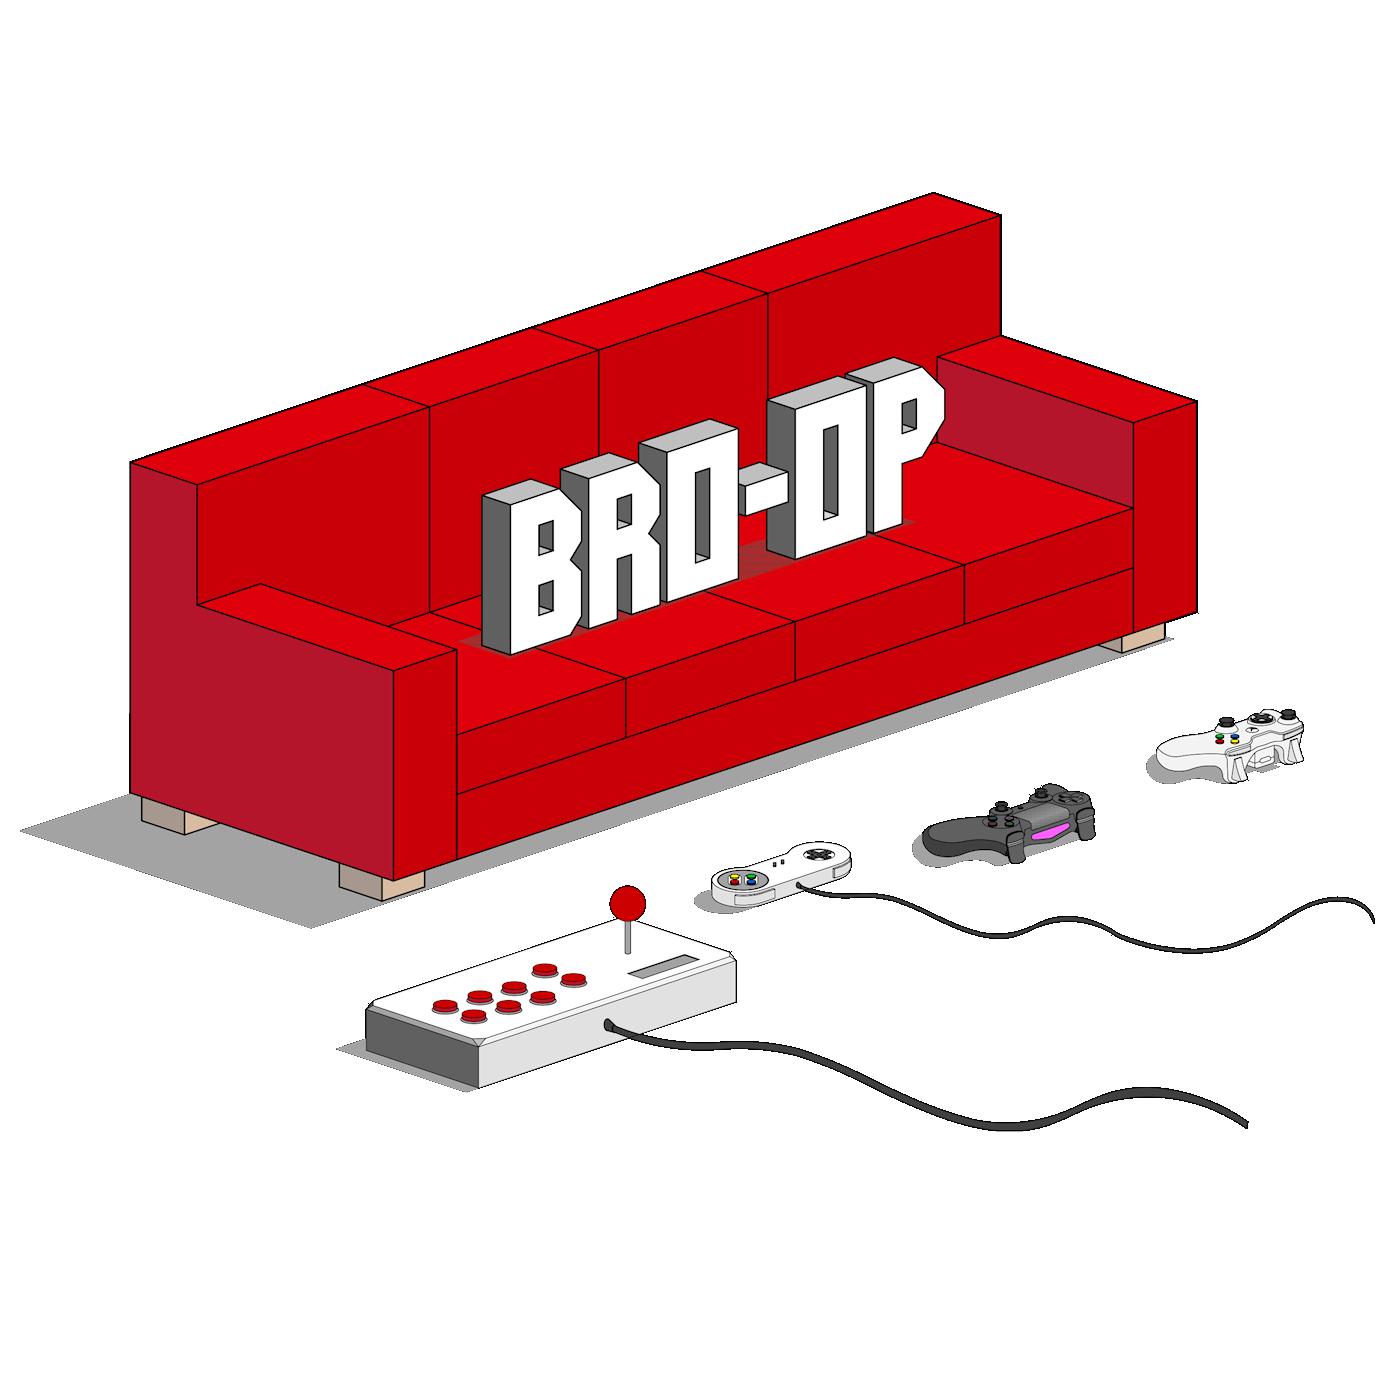 Bro-Op